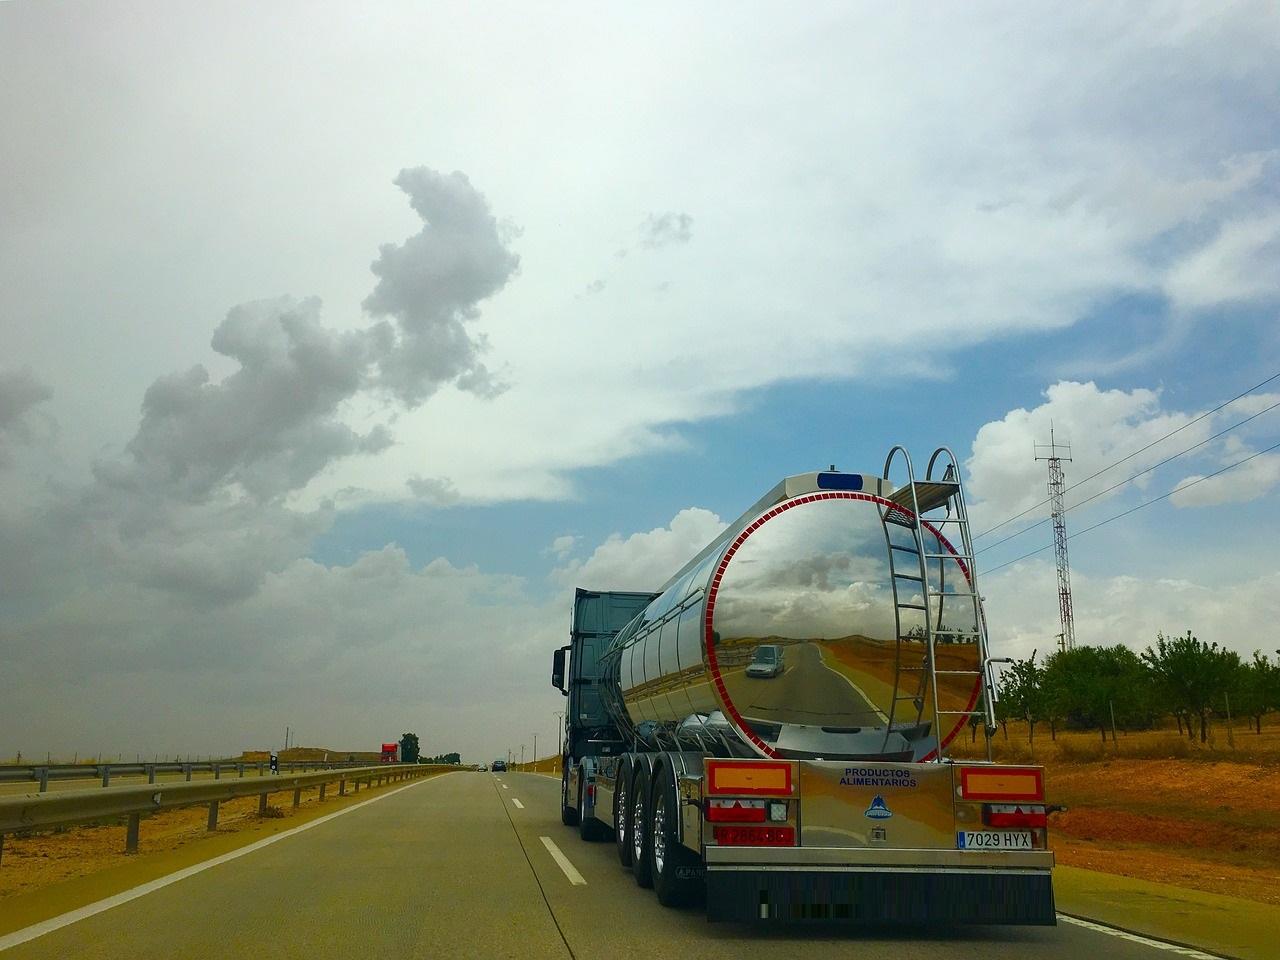 Des informations sur le transport de matières dangereuses